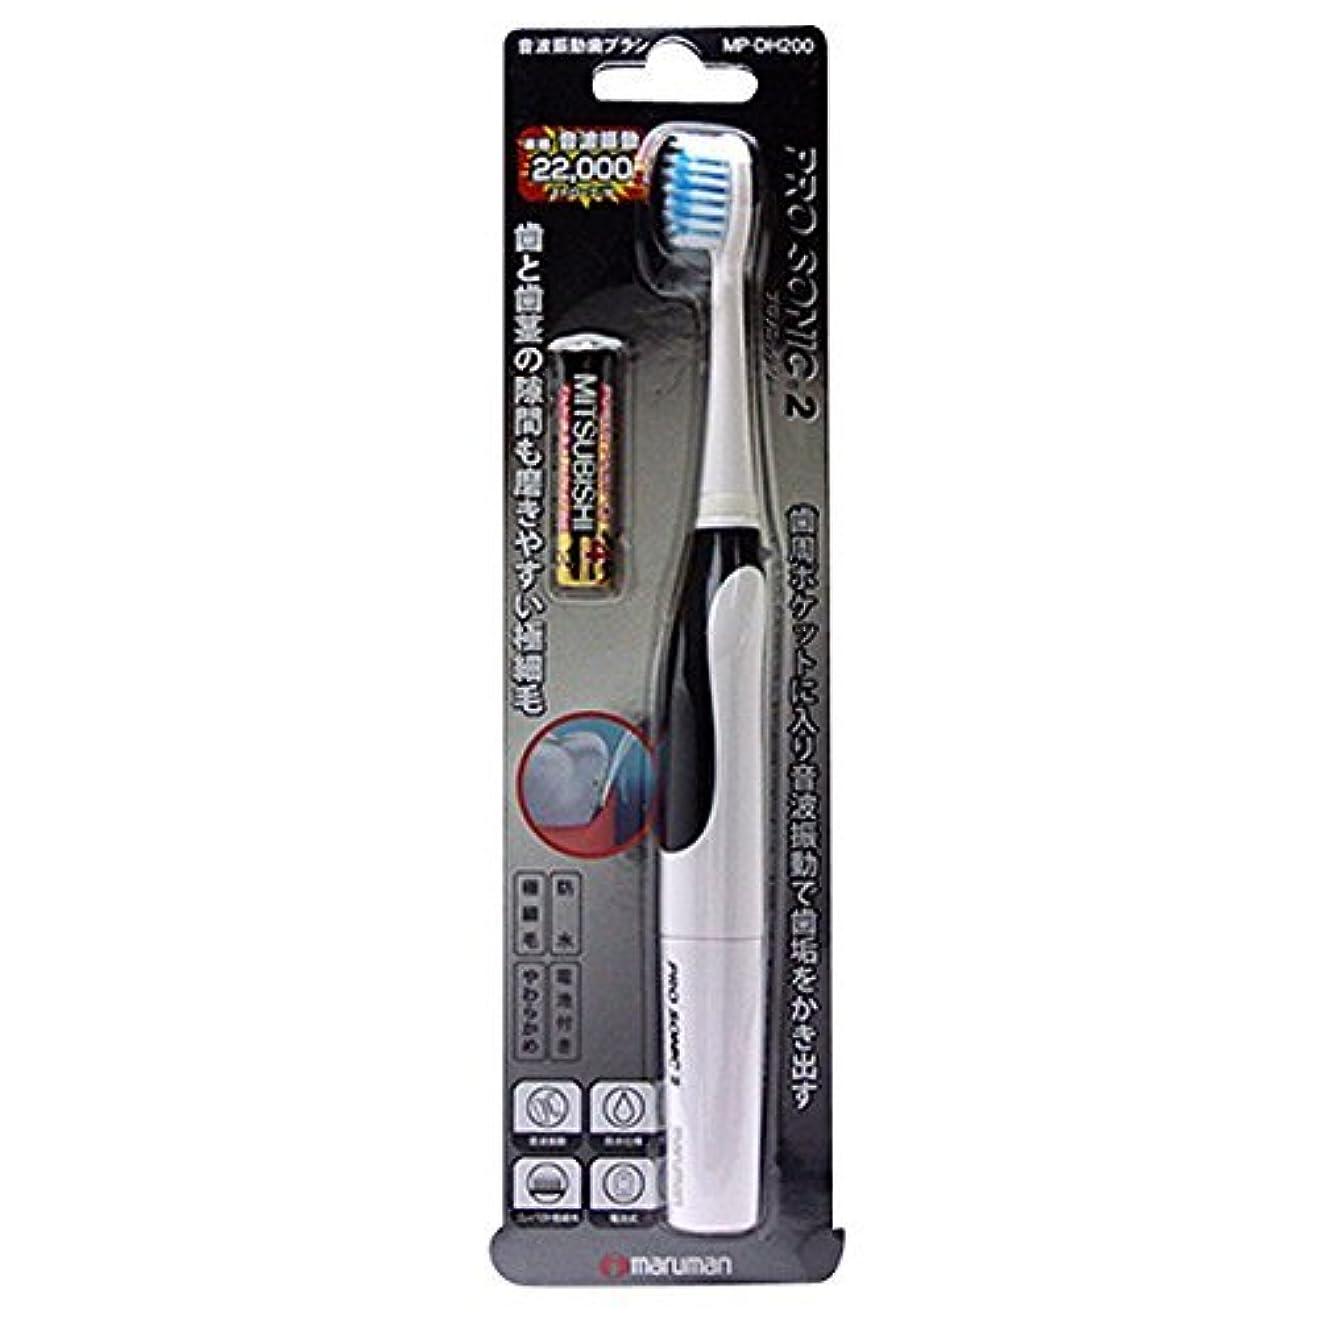 ステープル今日寮音波振動歯ブラシ PROSONIC2(プロソニック ツー) MP-DH200BK ブラック